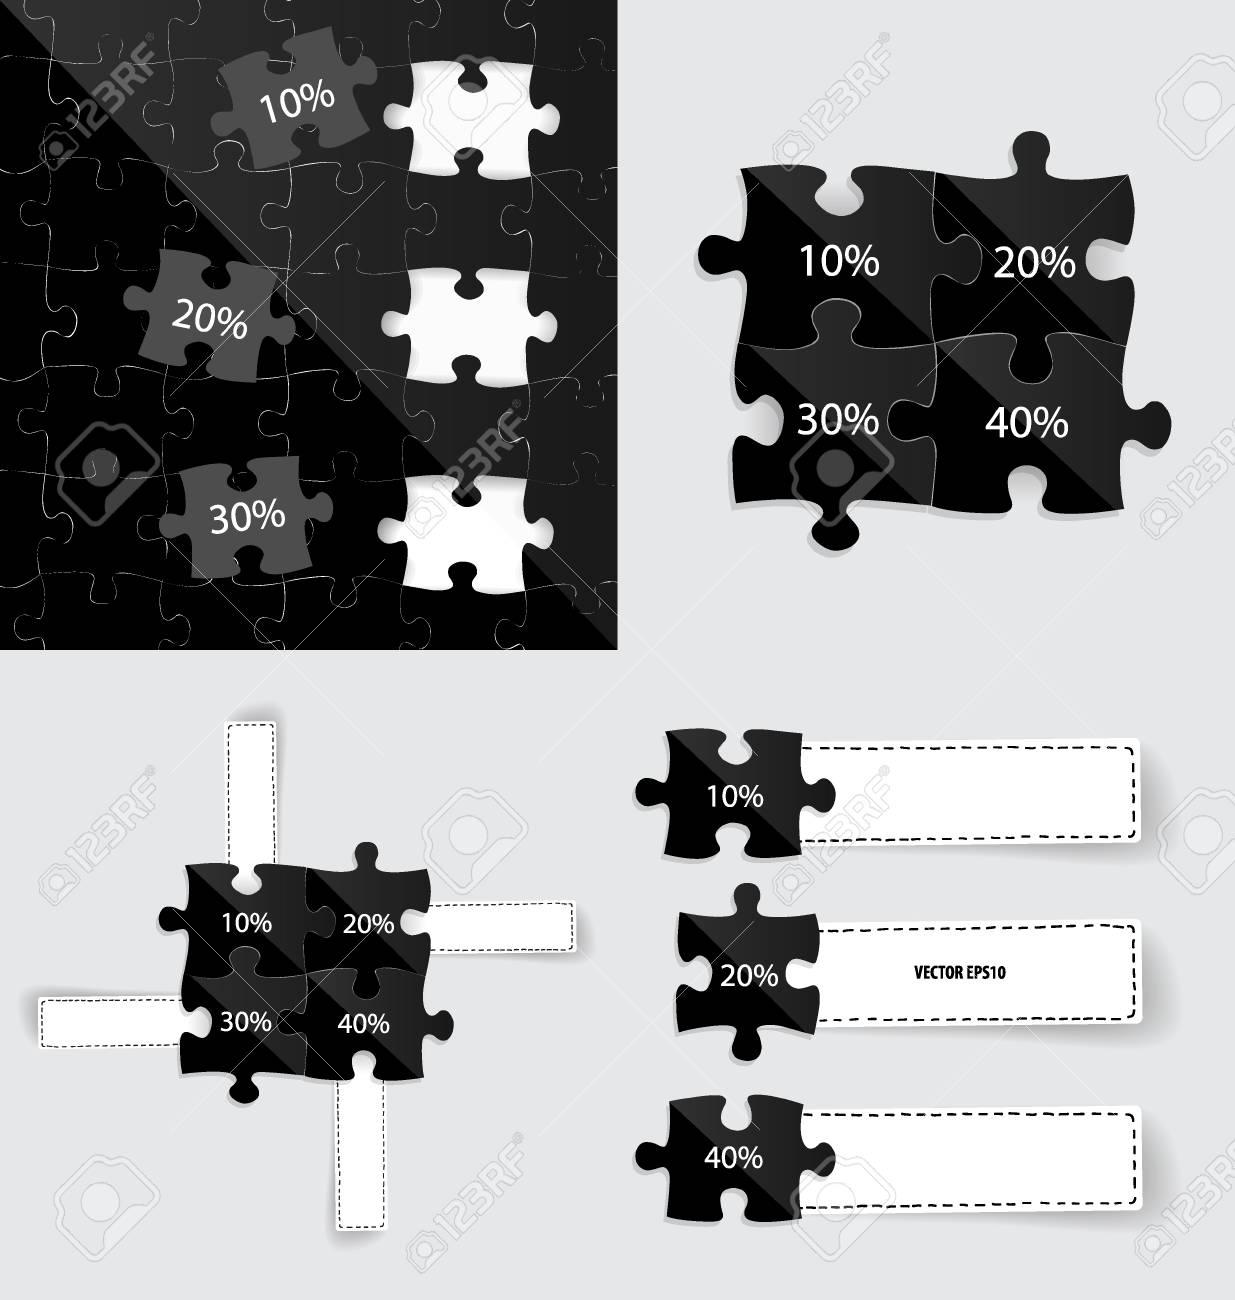 Estilo De Plantilla De Infografía Moderna. Piezas De Rompecabezas De ...